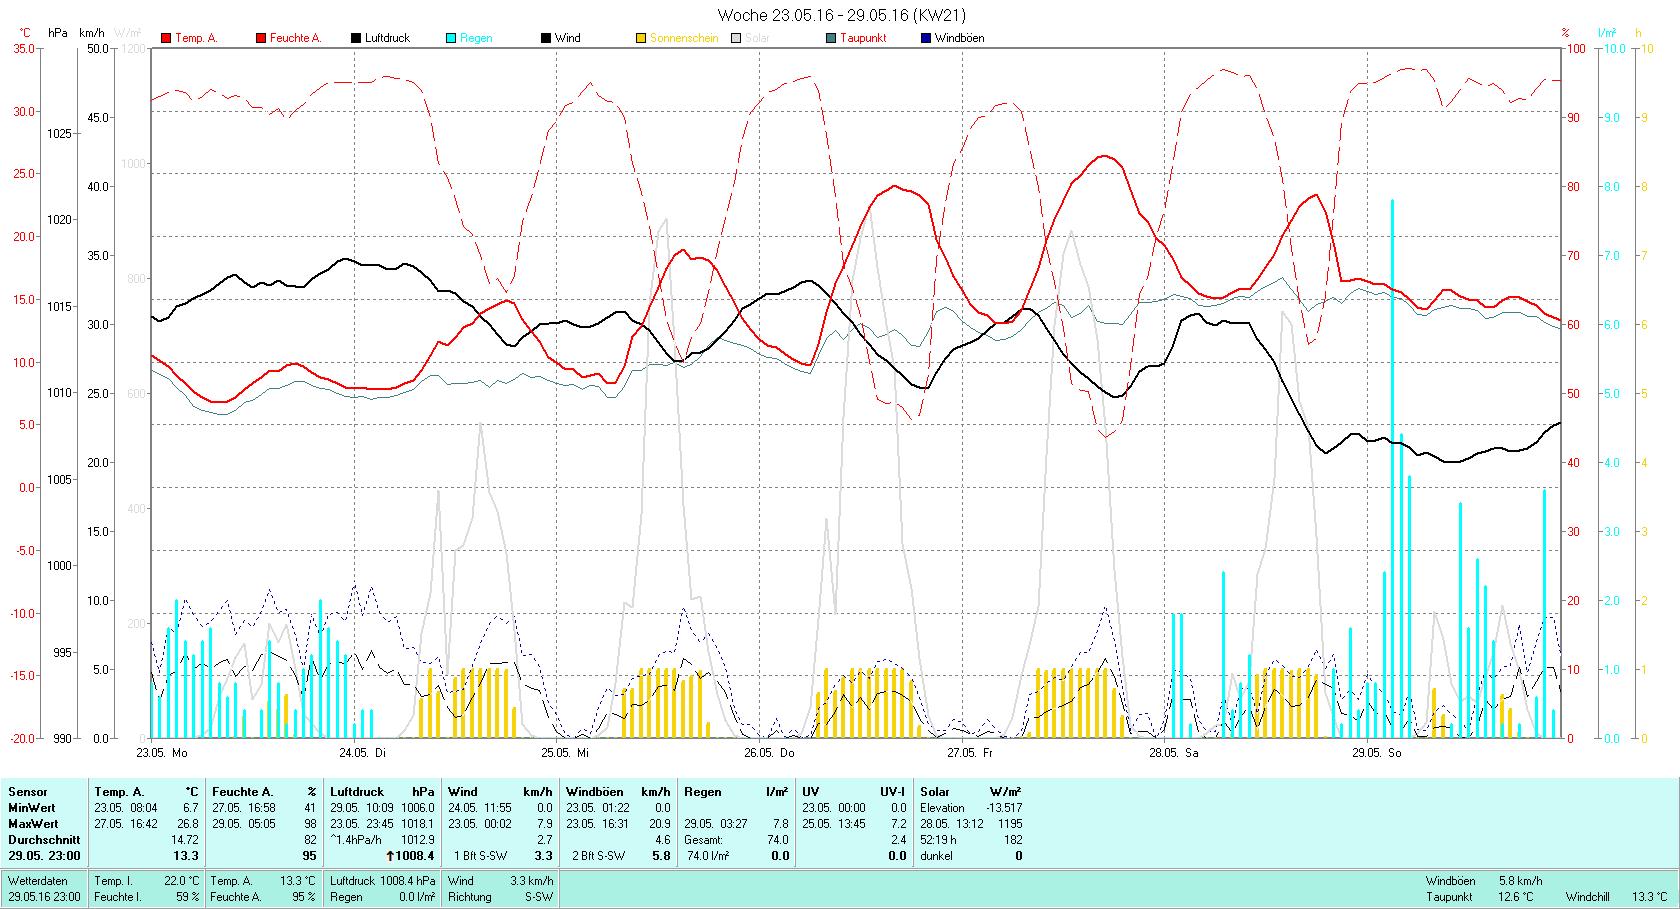 KW 21 Tmin 6.7°C, Tmax 26.8°C, Sonne 52:19h, Niederschlag 74.0mm/2